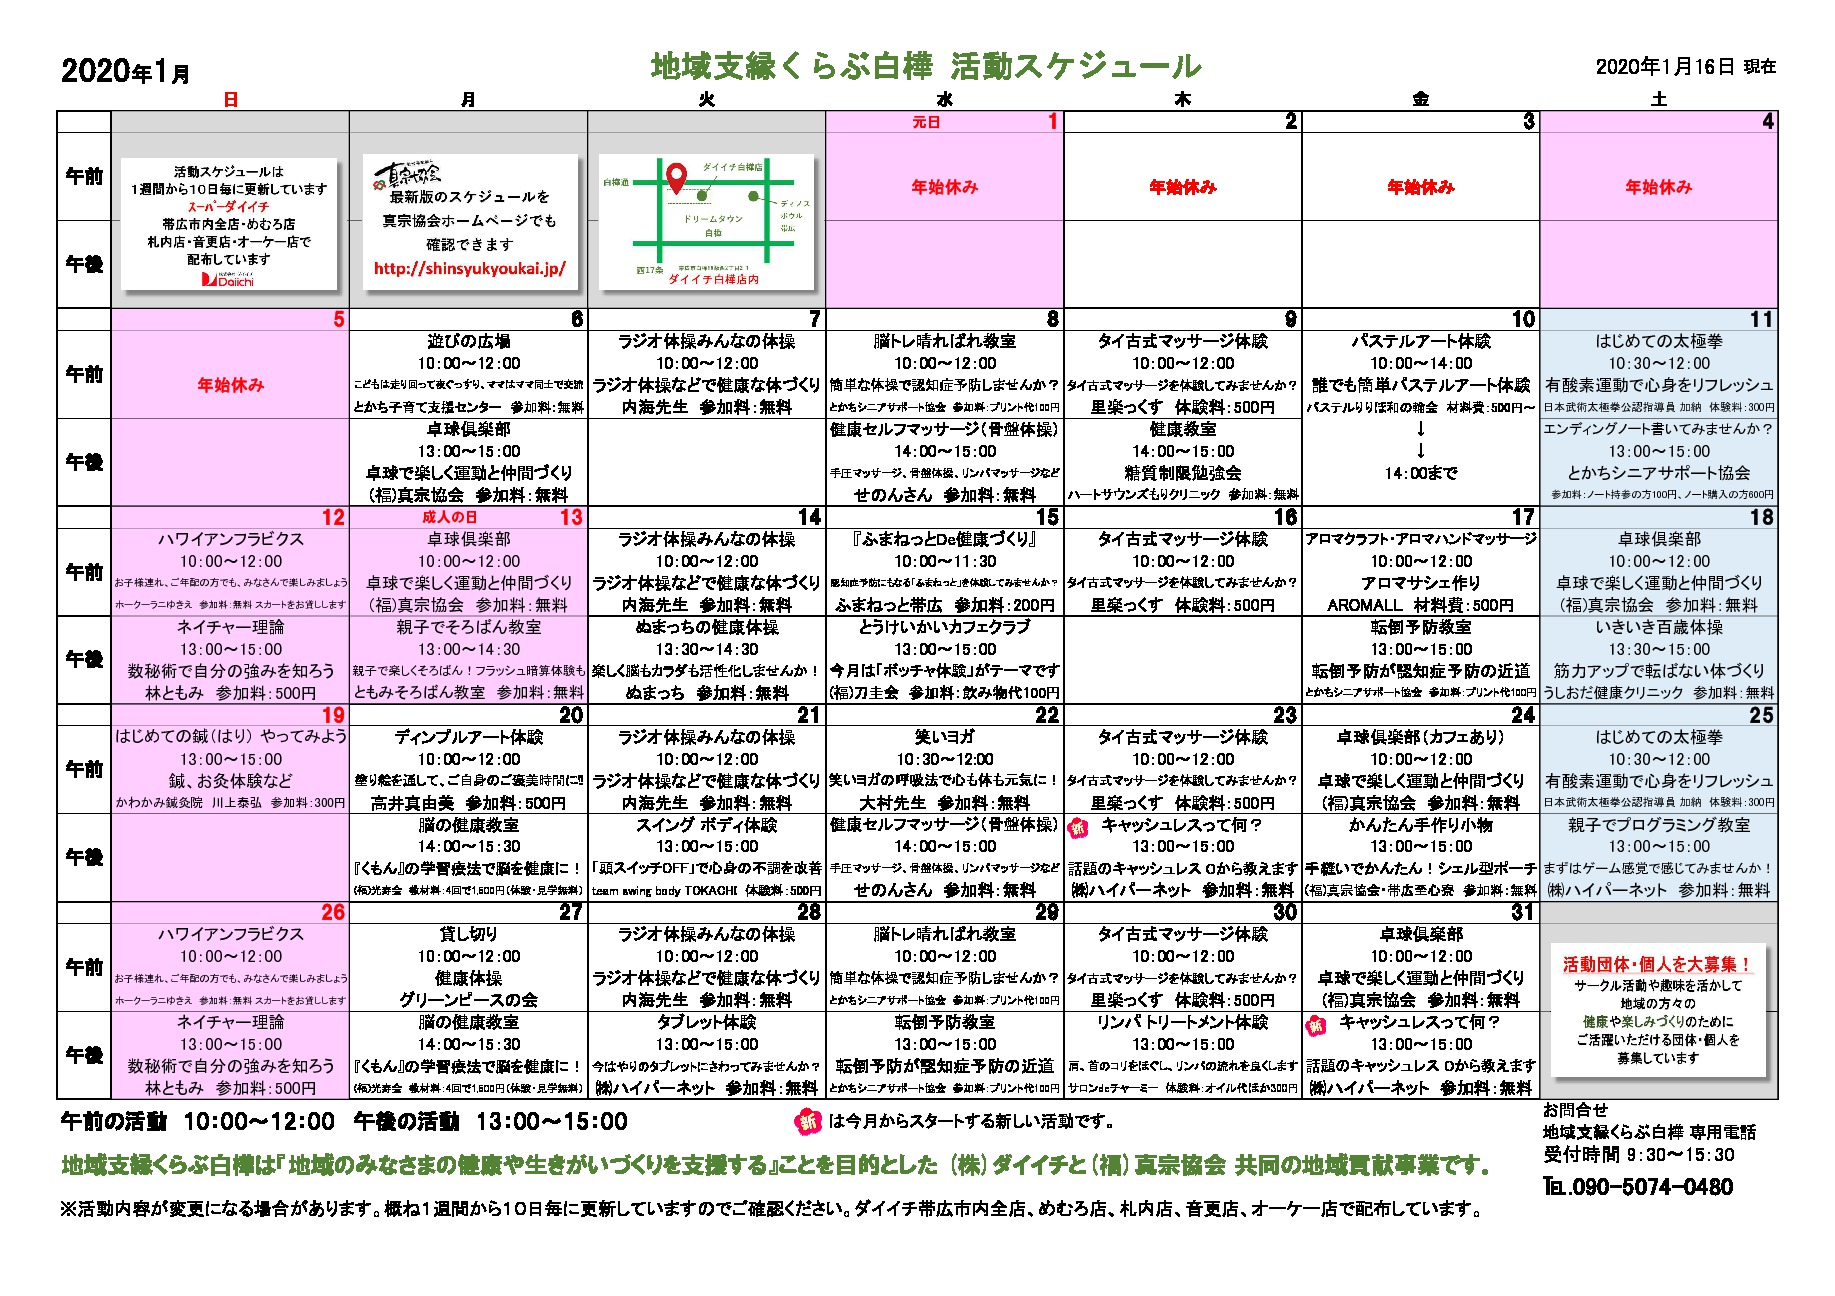 2019活動スケジュール1(2020.1.16付)のサムネイル